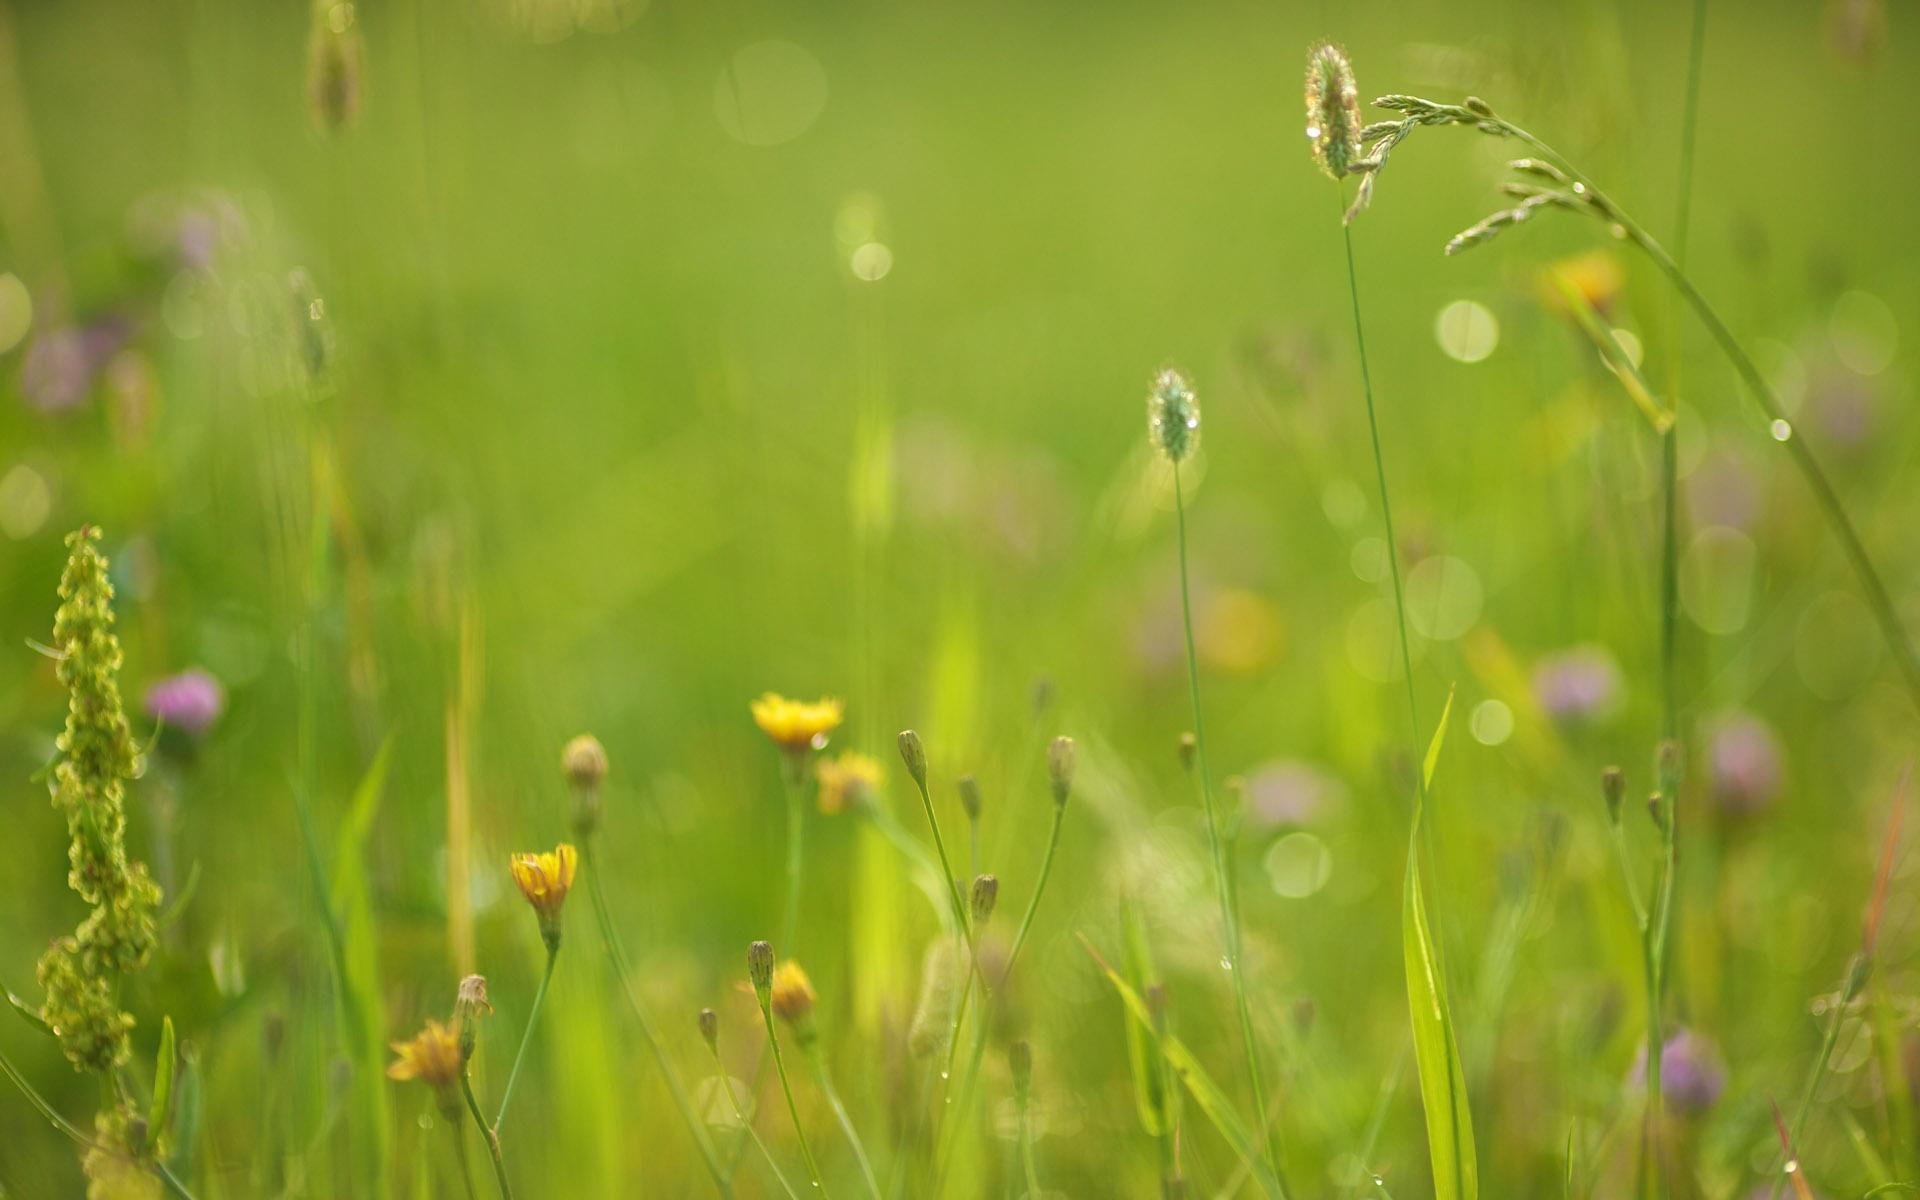 meadow wallpaper green